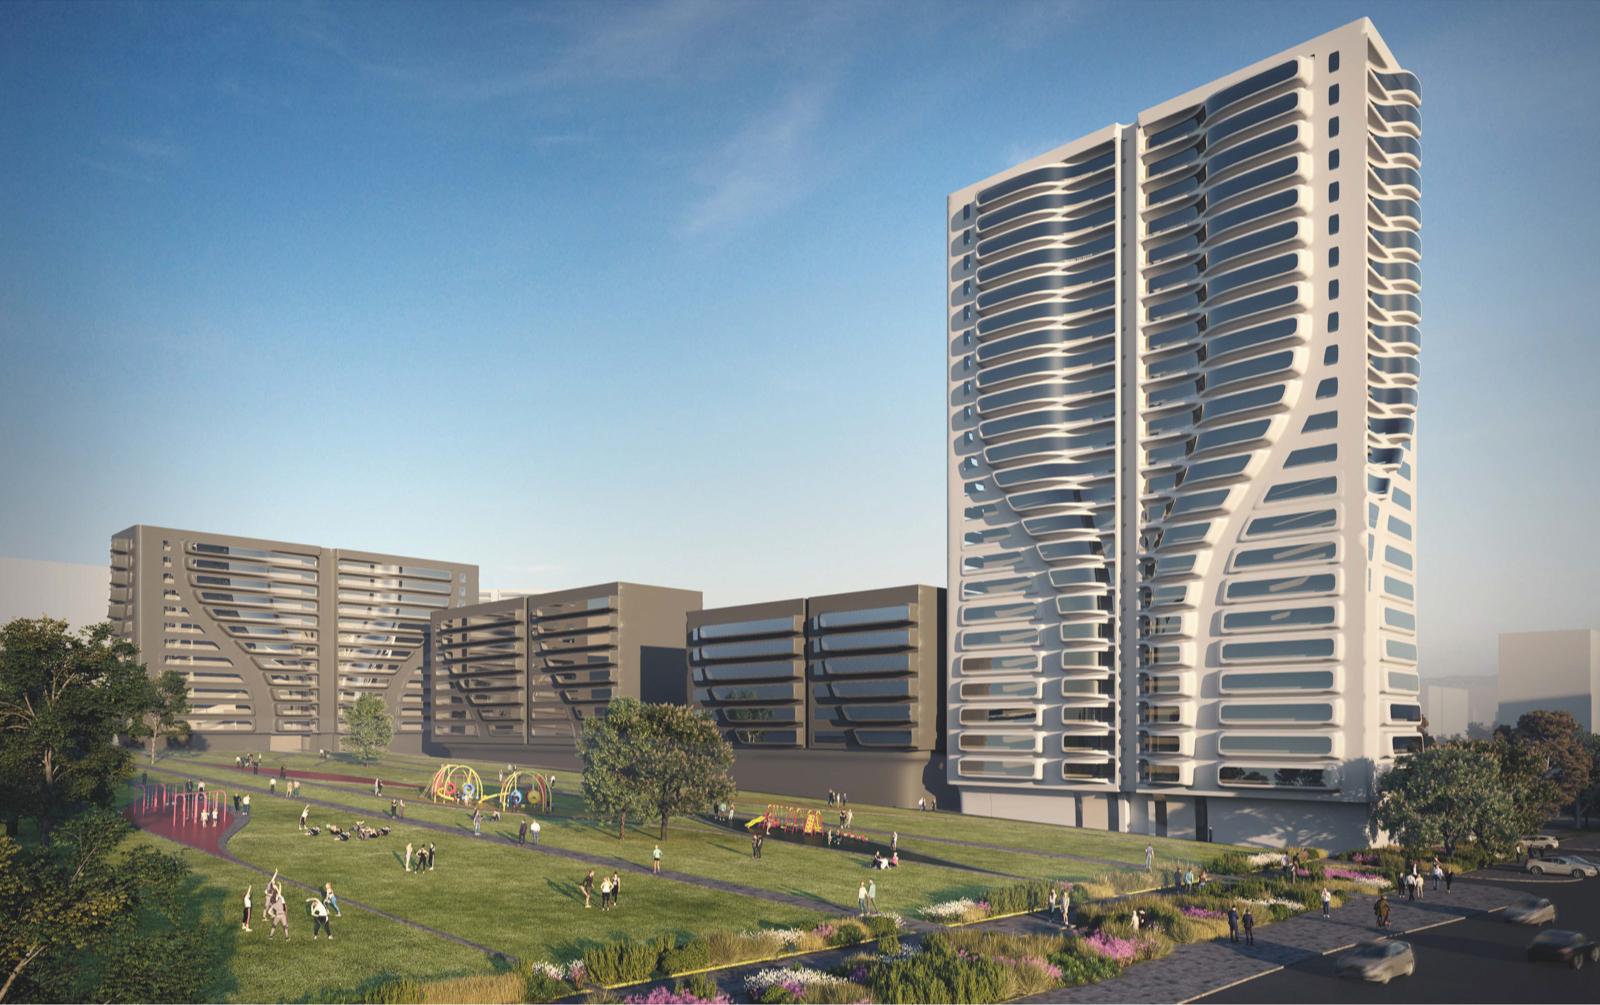 Фото:Архитекторы Заха Хадид + А-Проект.К